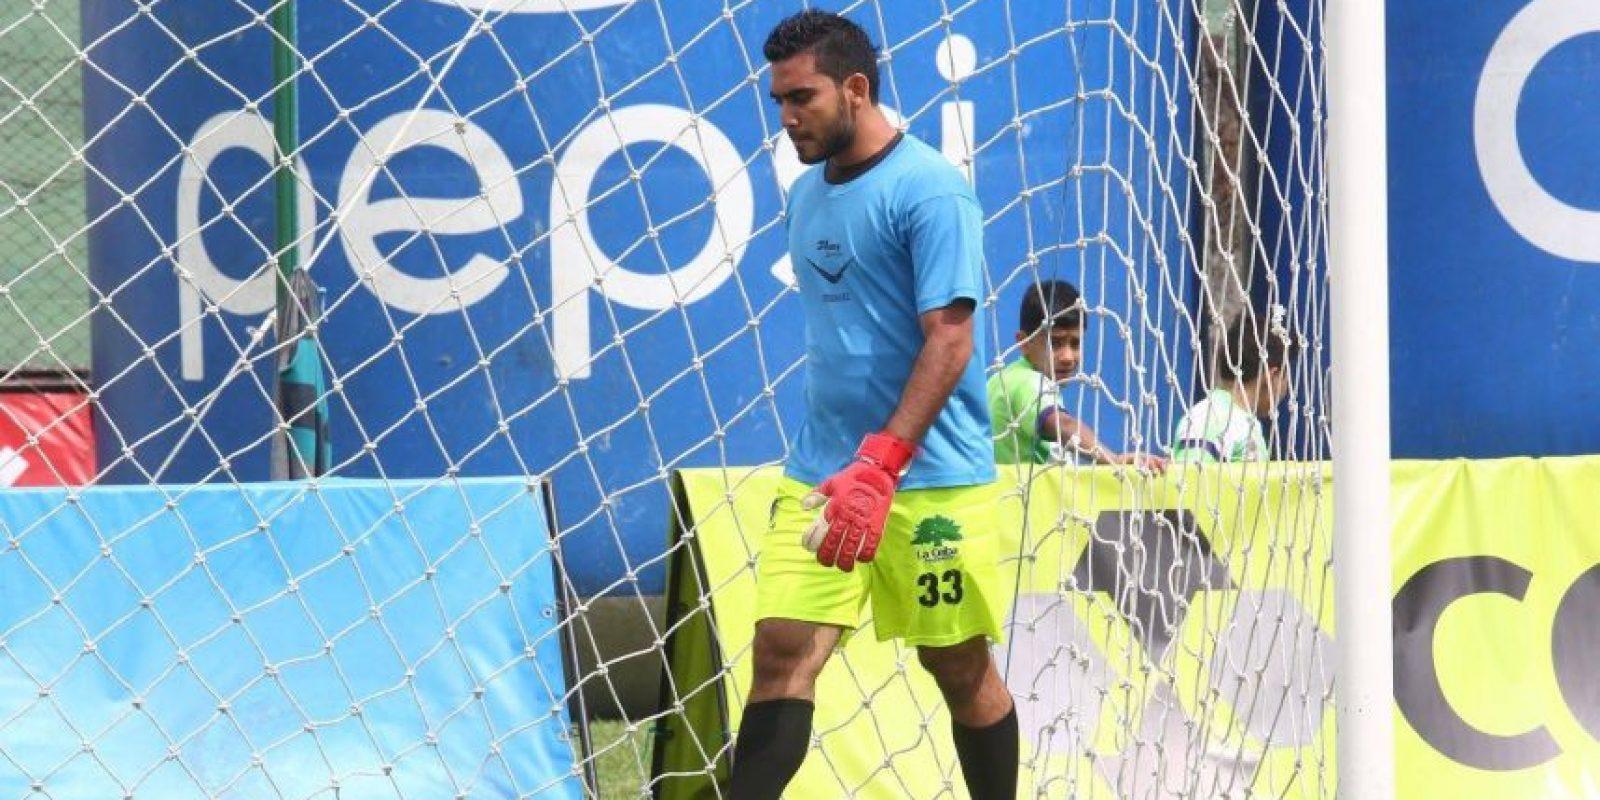 Víctor Ayala es uno de los jugadores que dio positivo. Foto:Antigua GFC